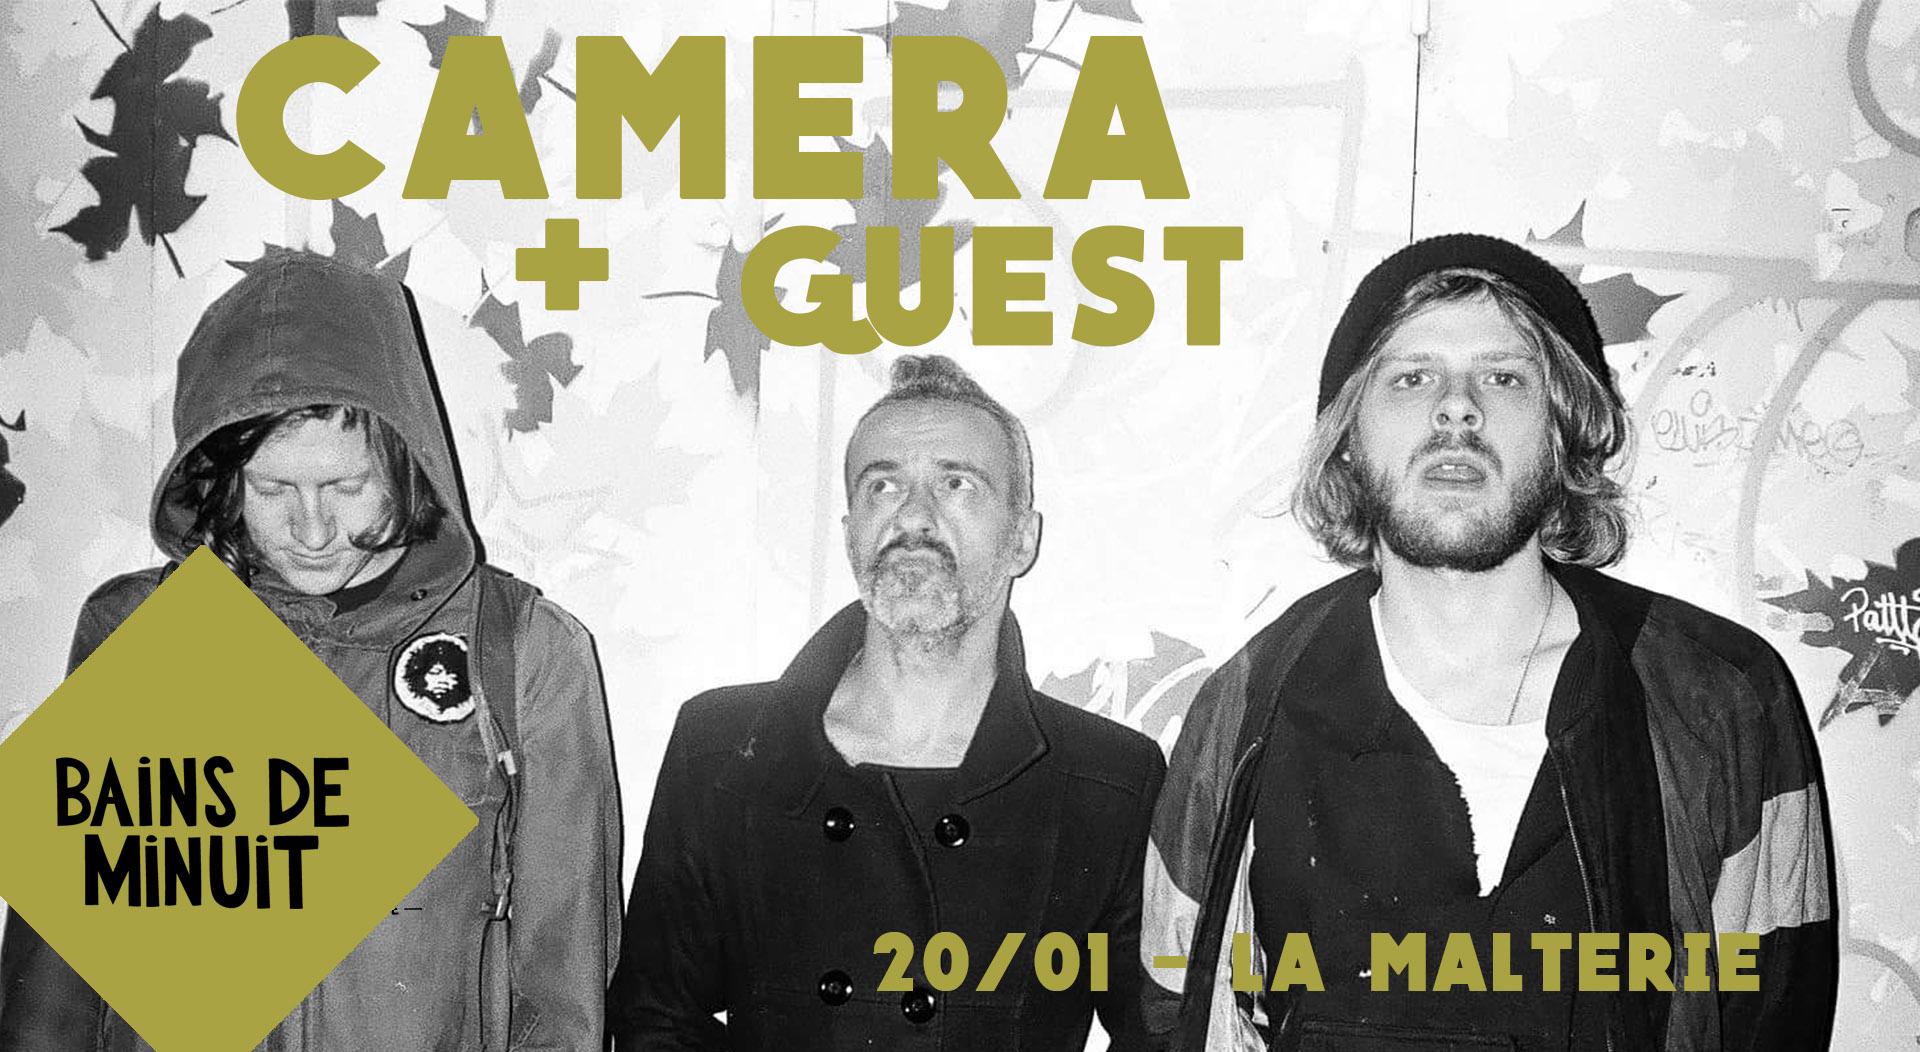 20/01 – CAMERA (berlin) + Guest / La Malterie, Lille